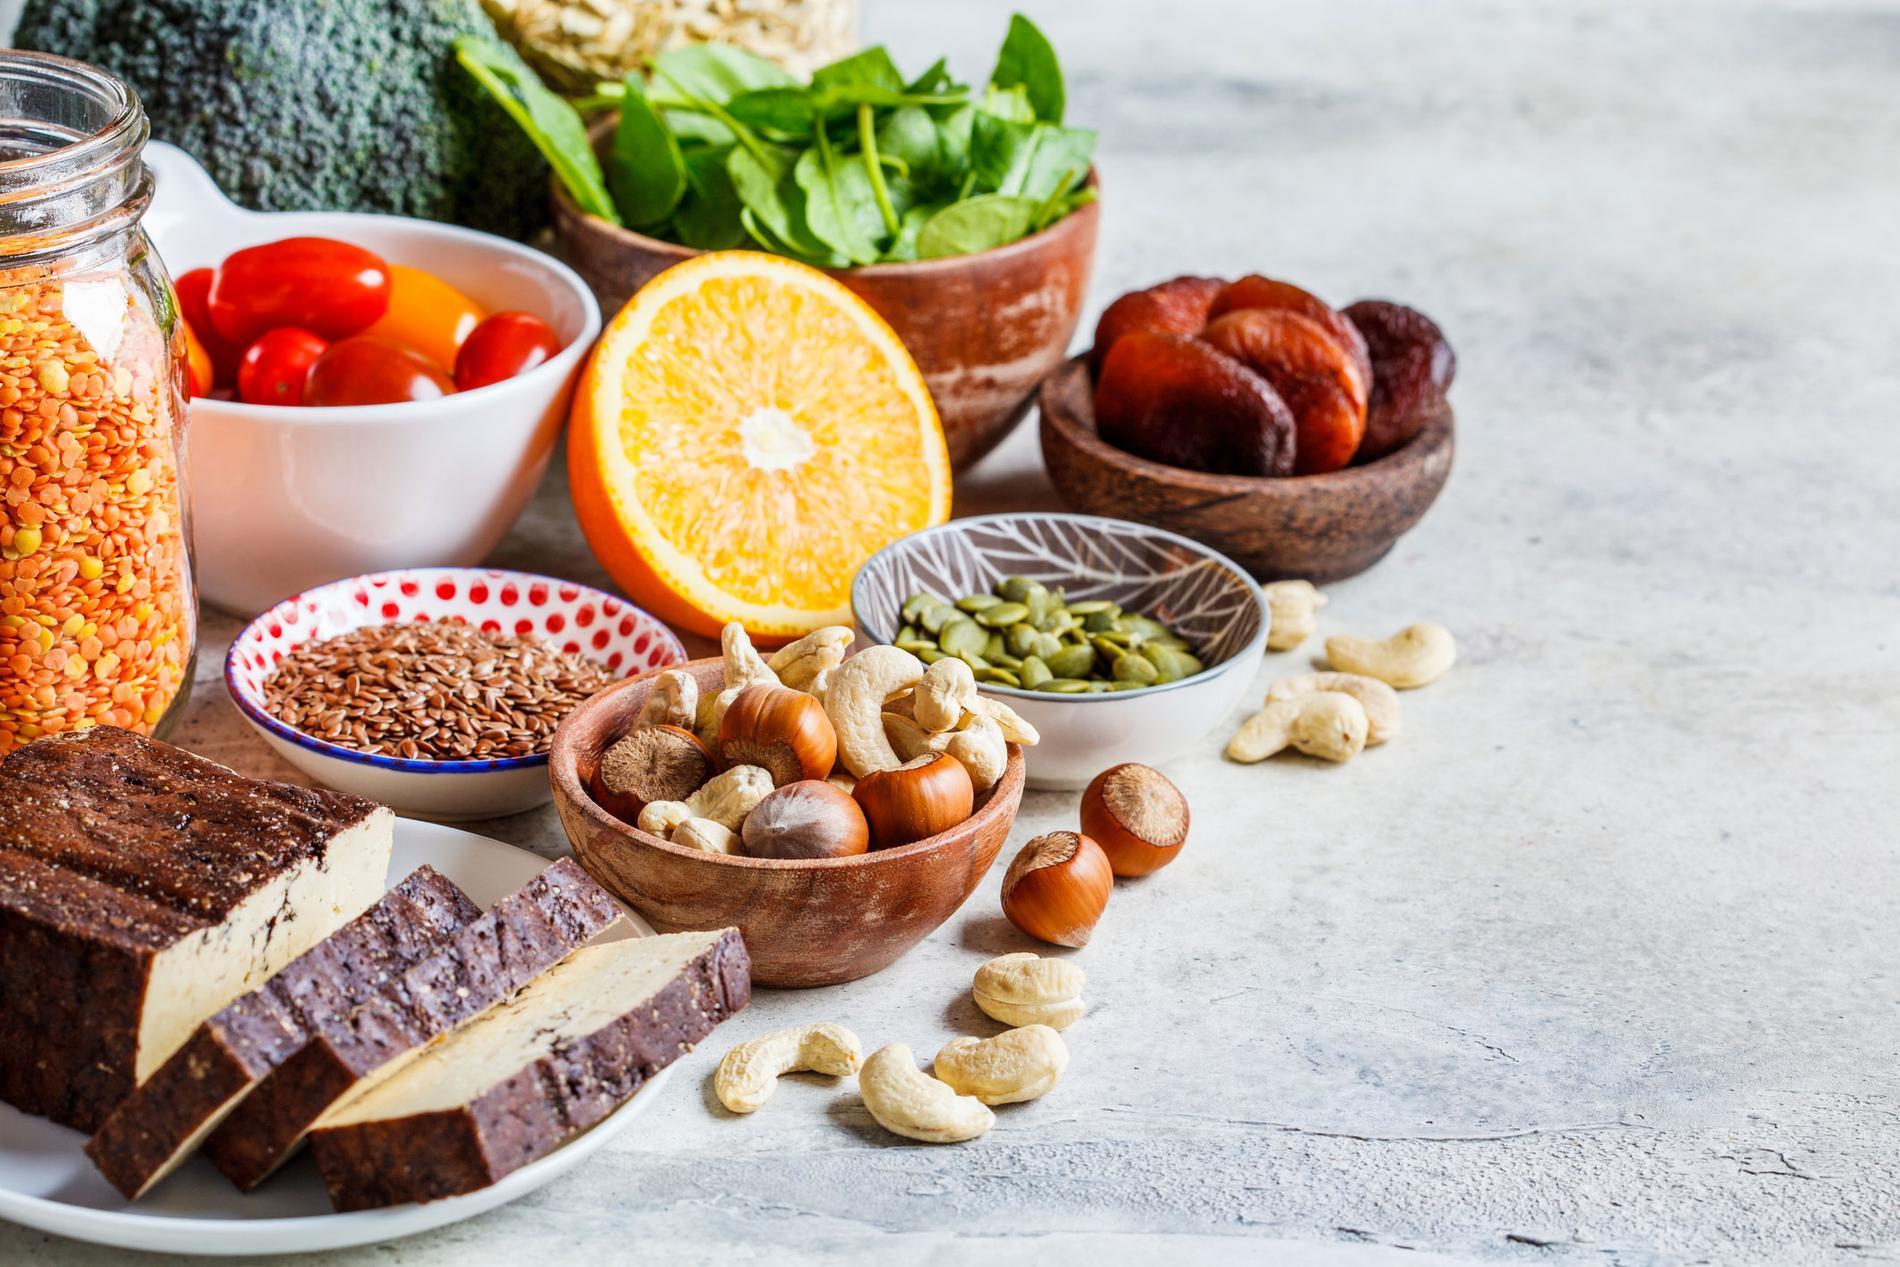 Järn finns även i vegetabilisk mat som fullkornsprodukter, nötter, frön, tokad frukt och baljväxter.